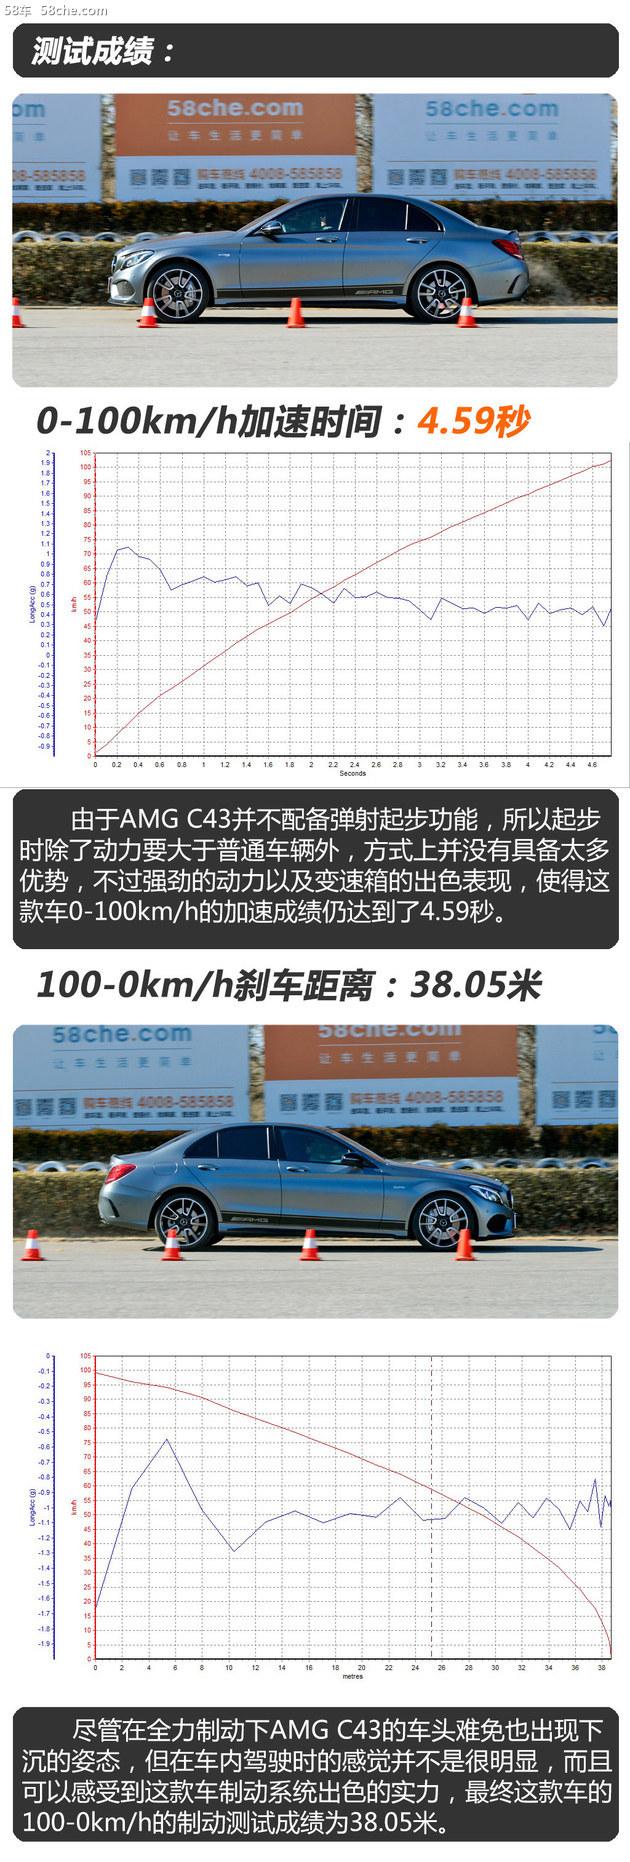 梅赛德斯-AMG C43性能测试 请注意驾驶